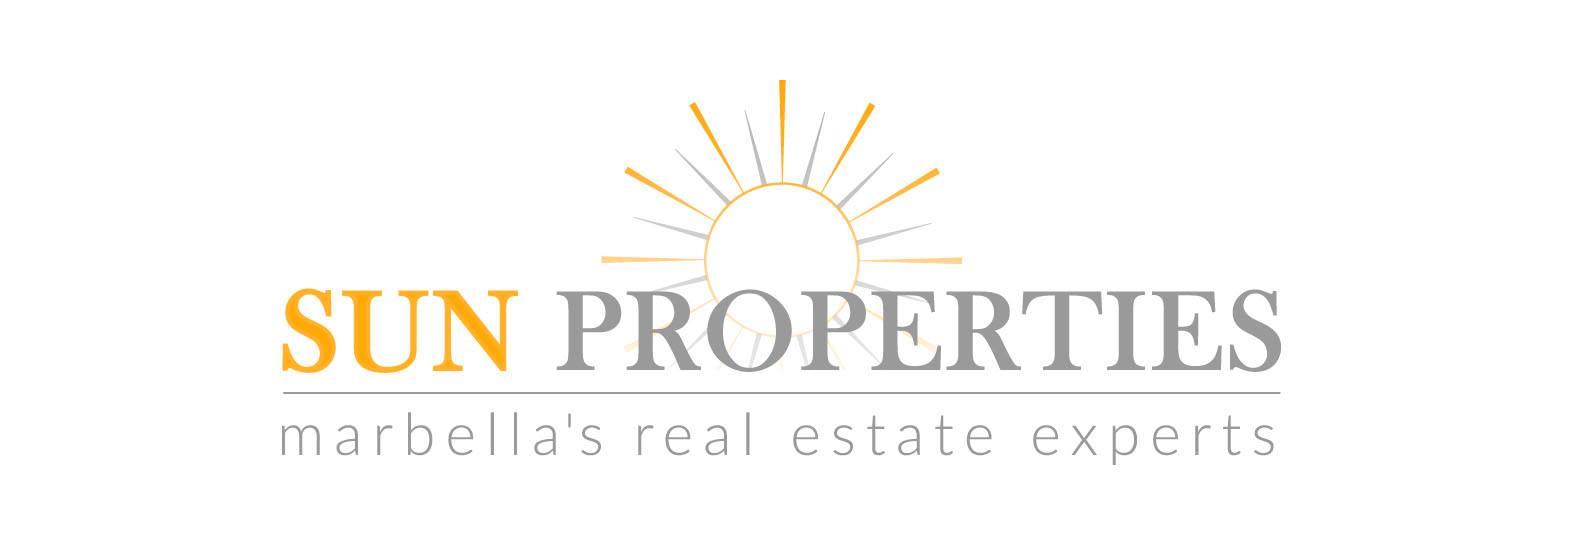 Sun Properties Marbella